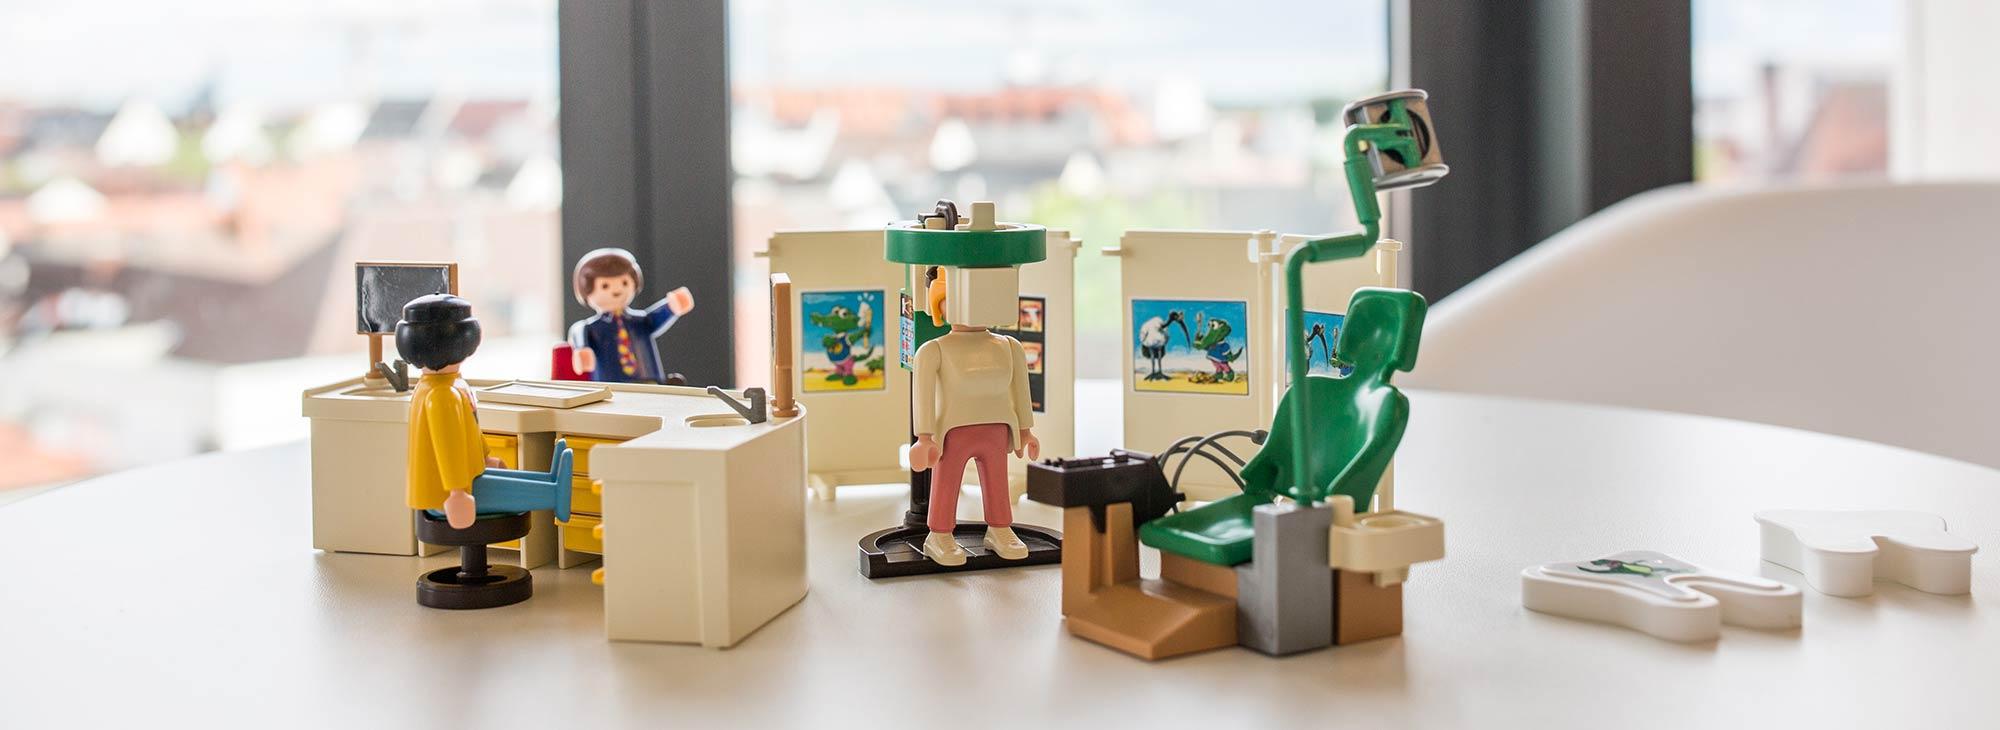 Miniaturmodell der Zahnarztpraxis Wengentor in Ulm